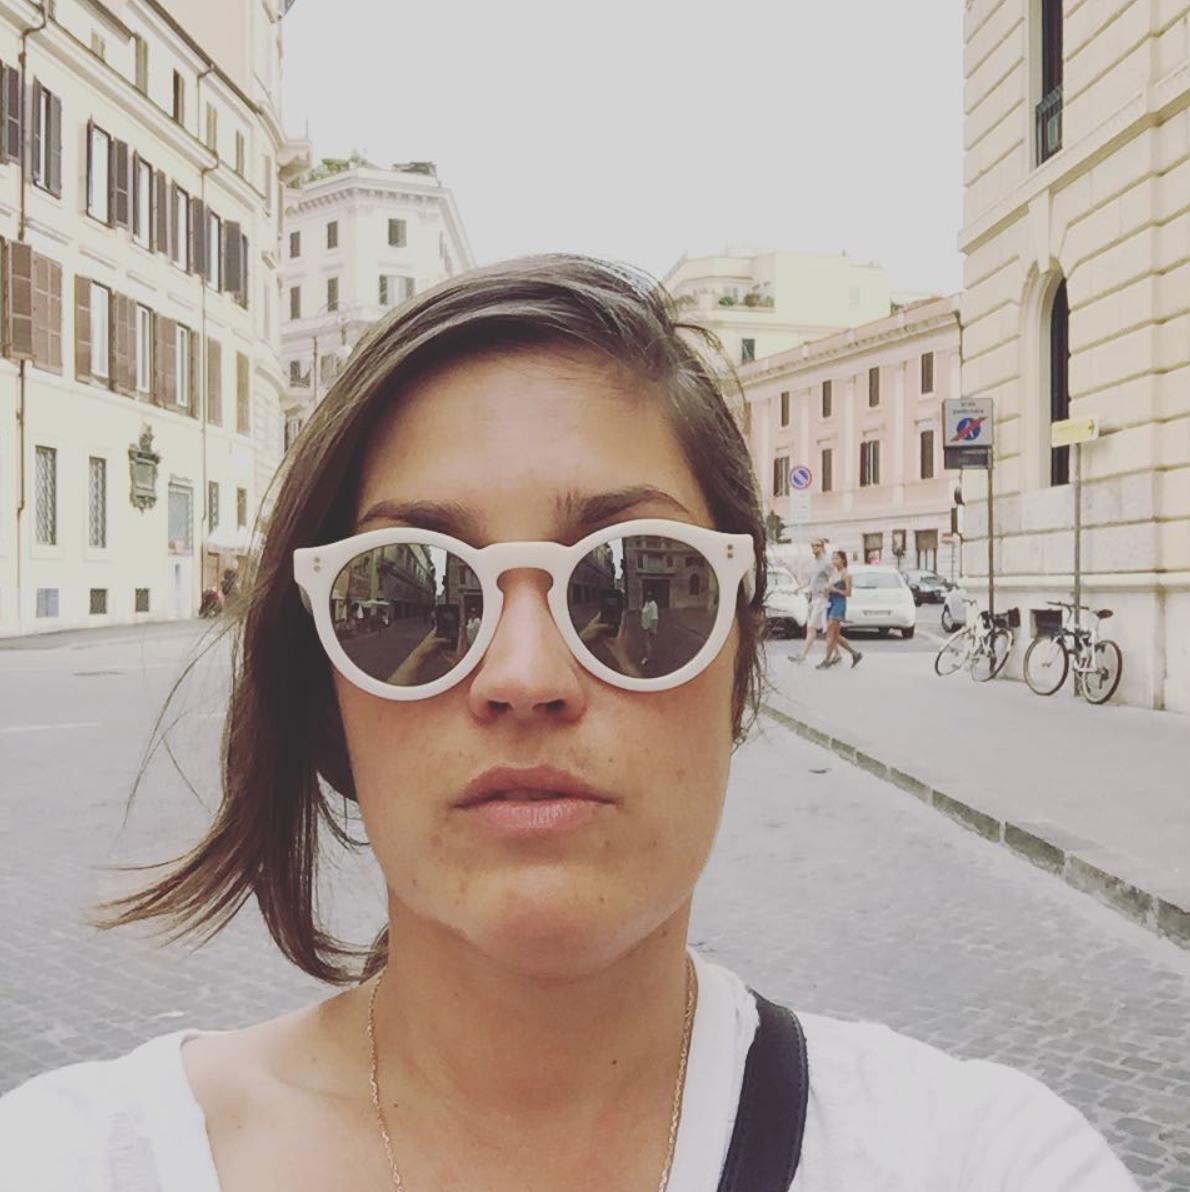 """Italians like to say,  """"Roma è il centro del mondo"""" or Rome is the center of the world.  I get it."""